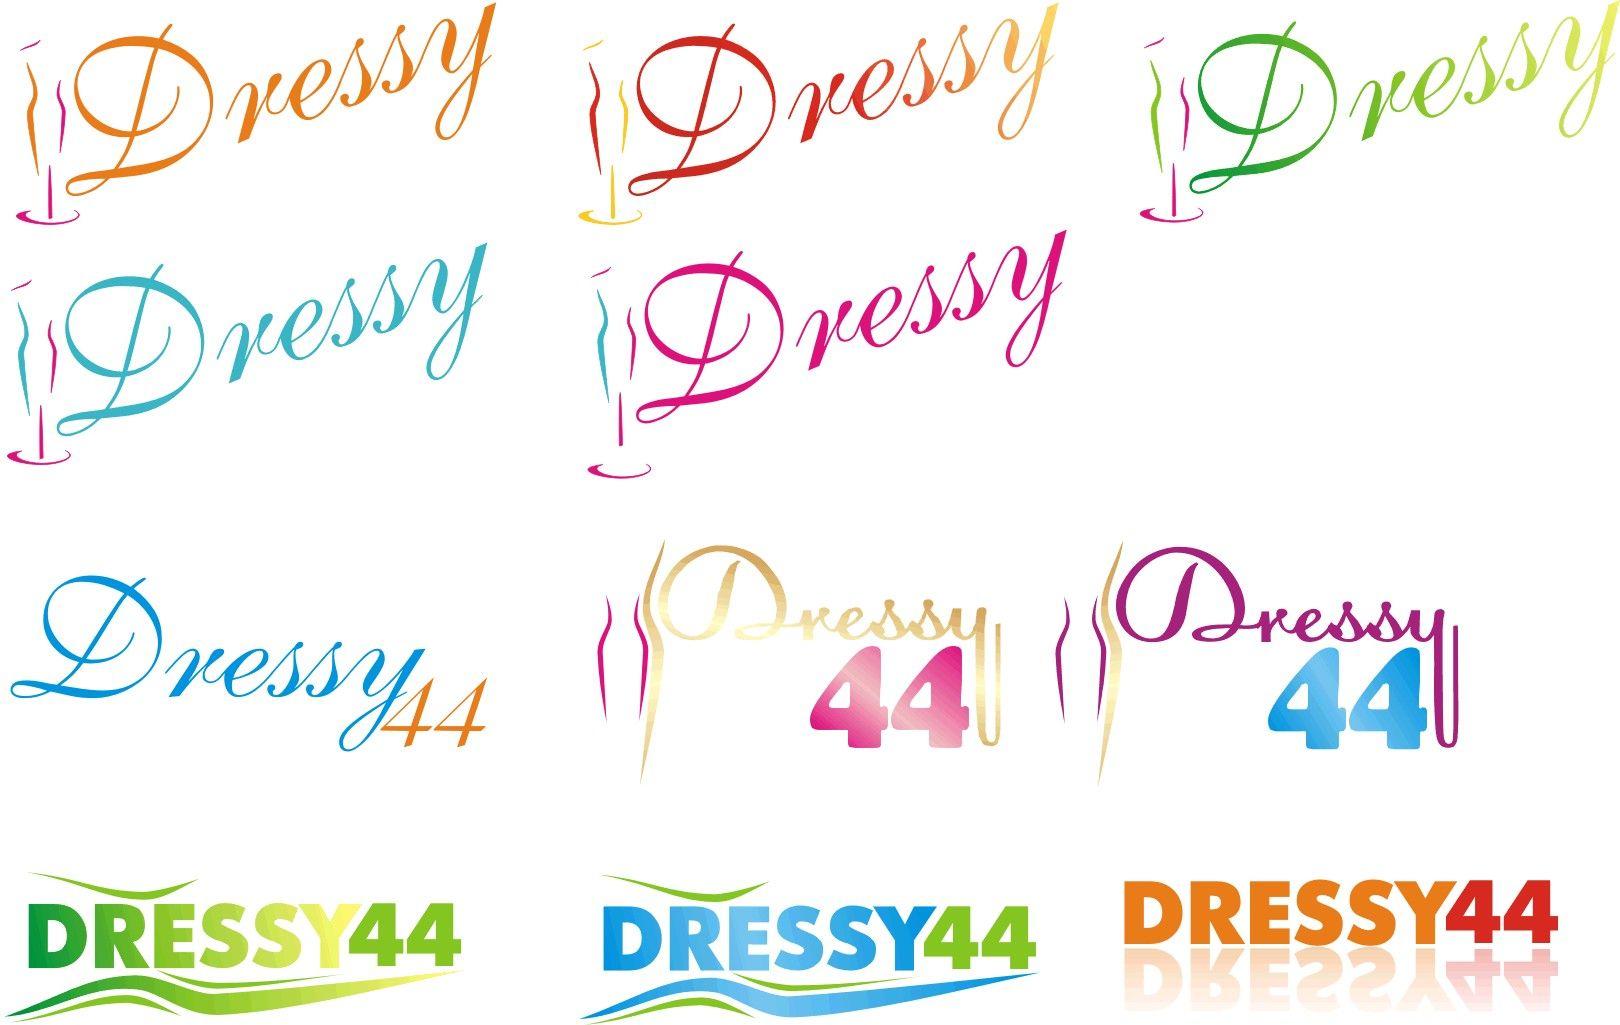 разработка логотипа _производство платьев - дизайнер mirmobile